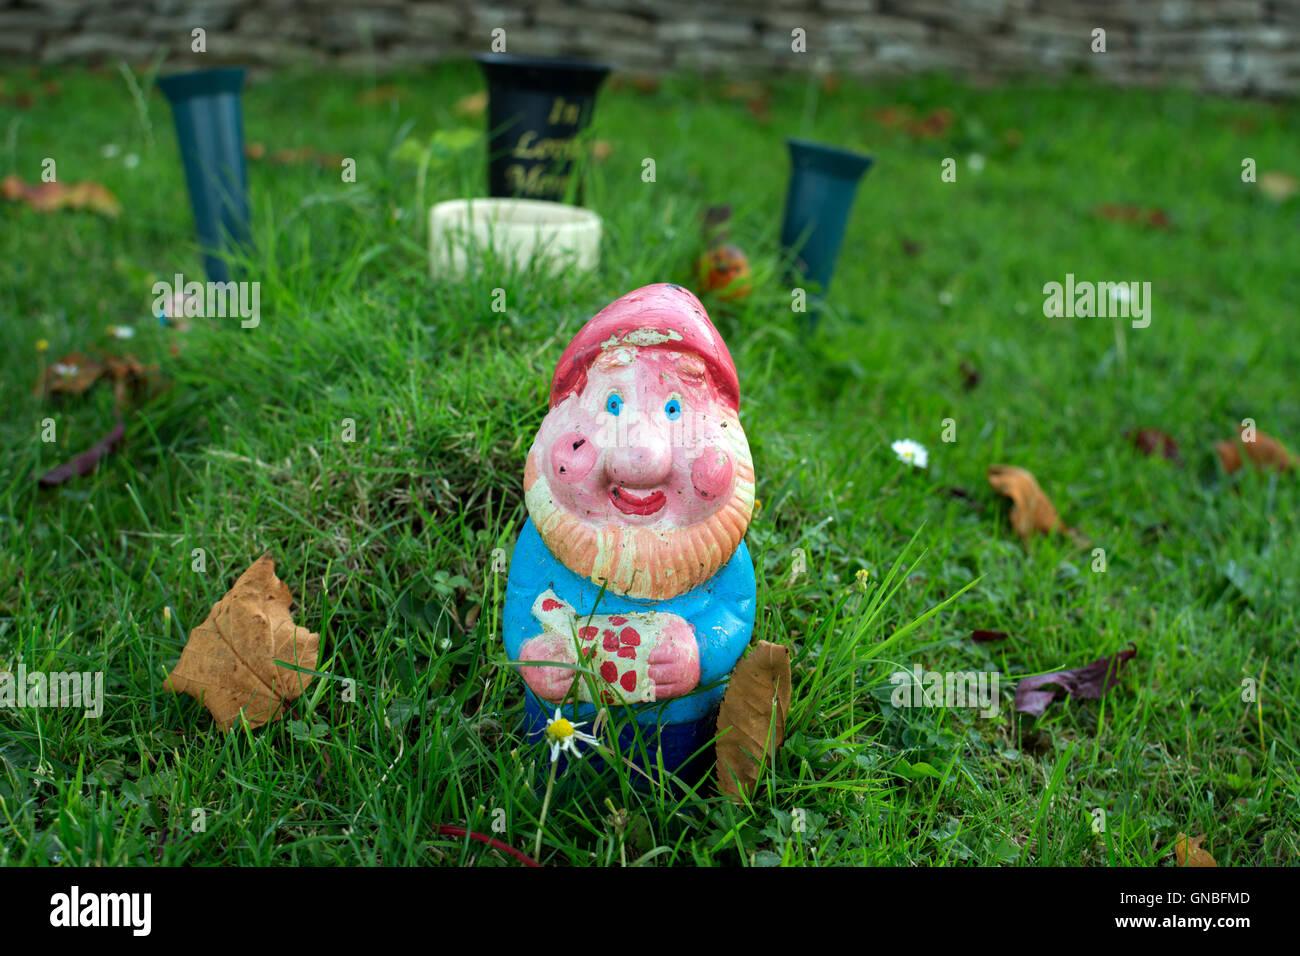 A garden gnome in a cemetery, UK Stock Photo